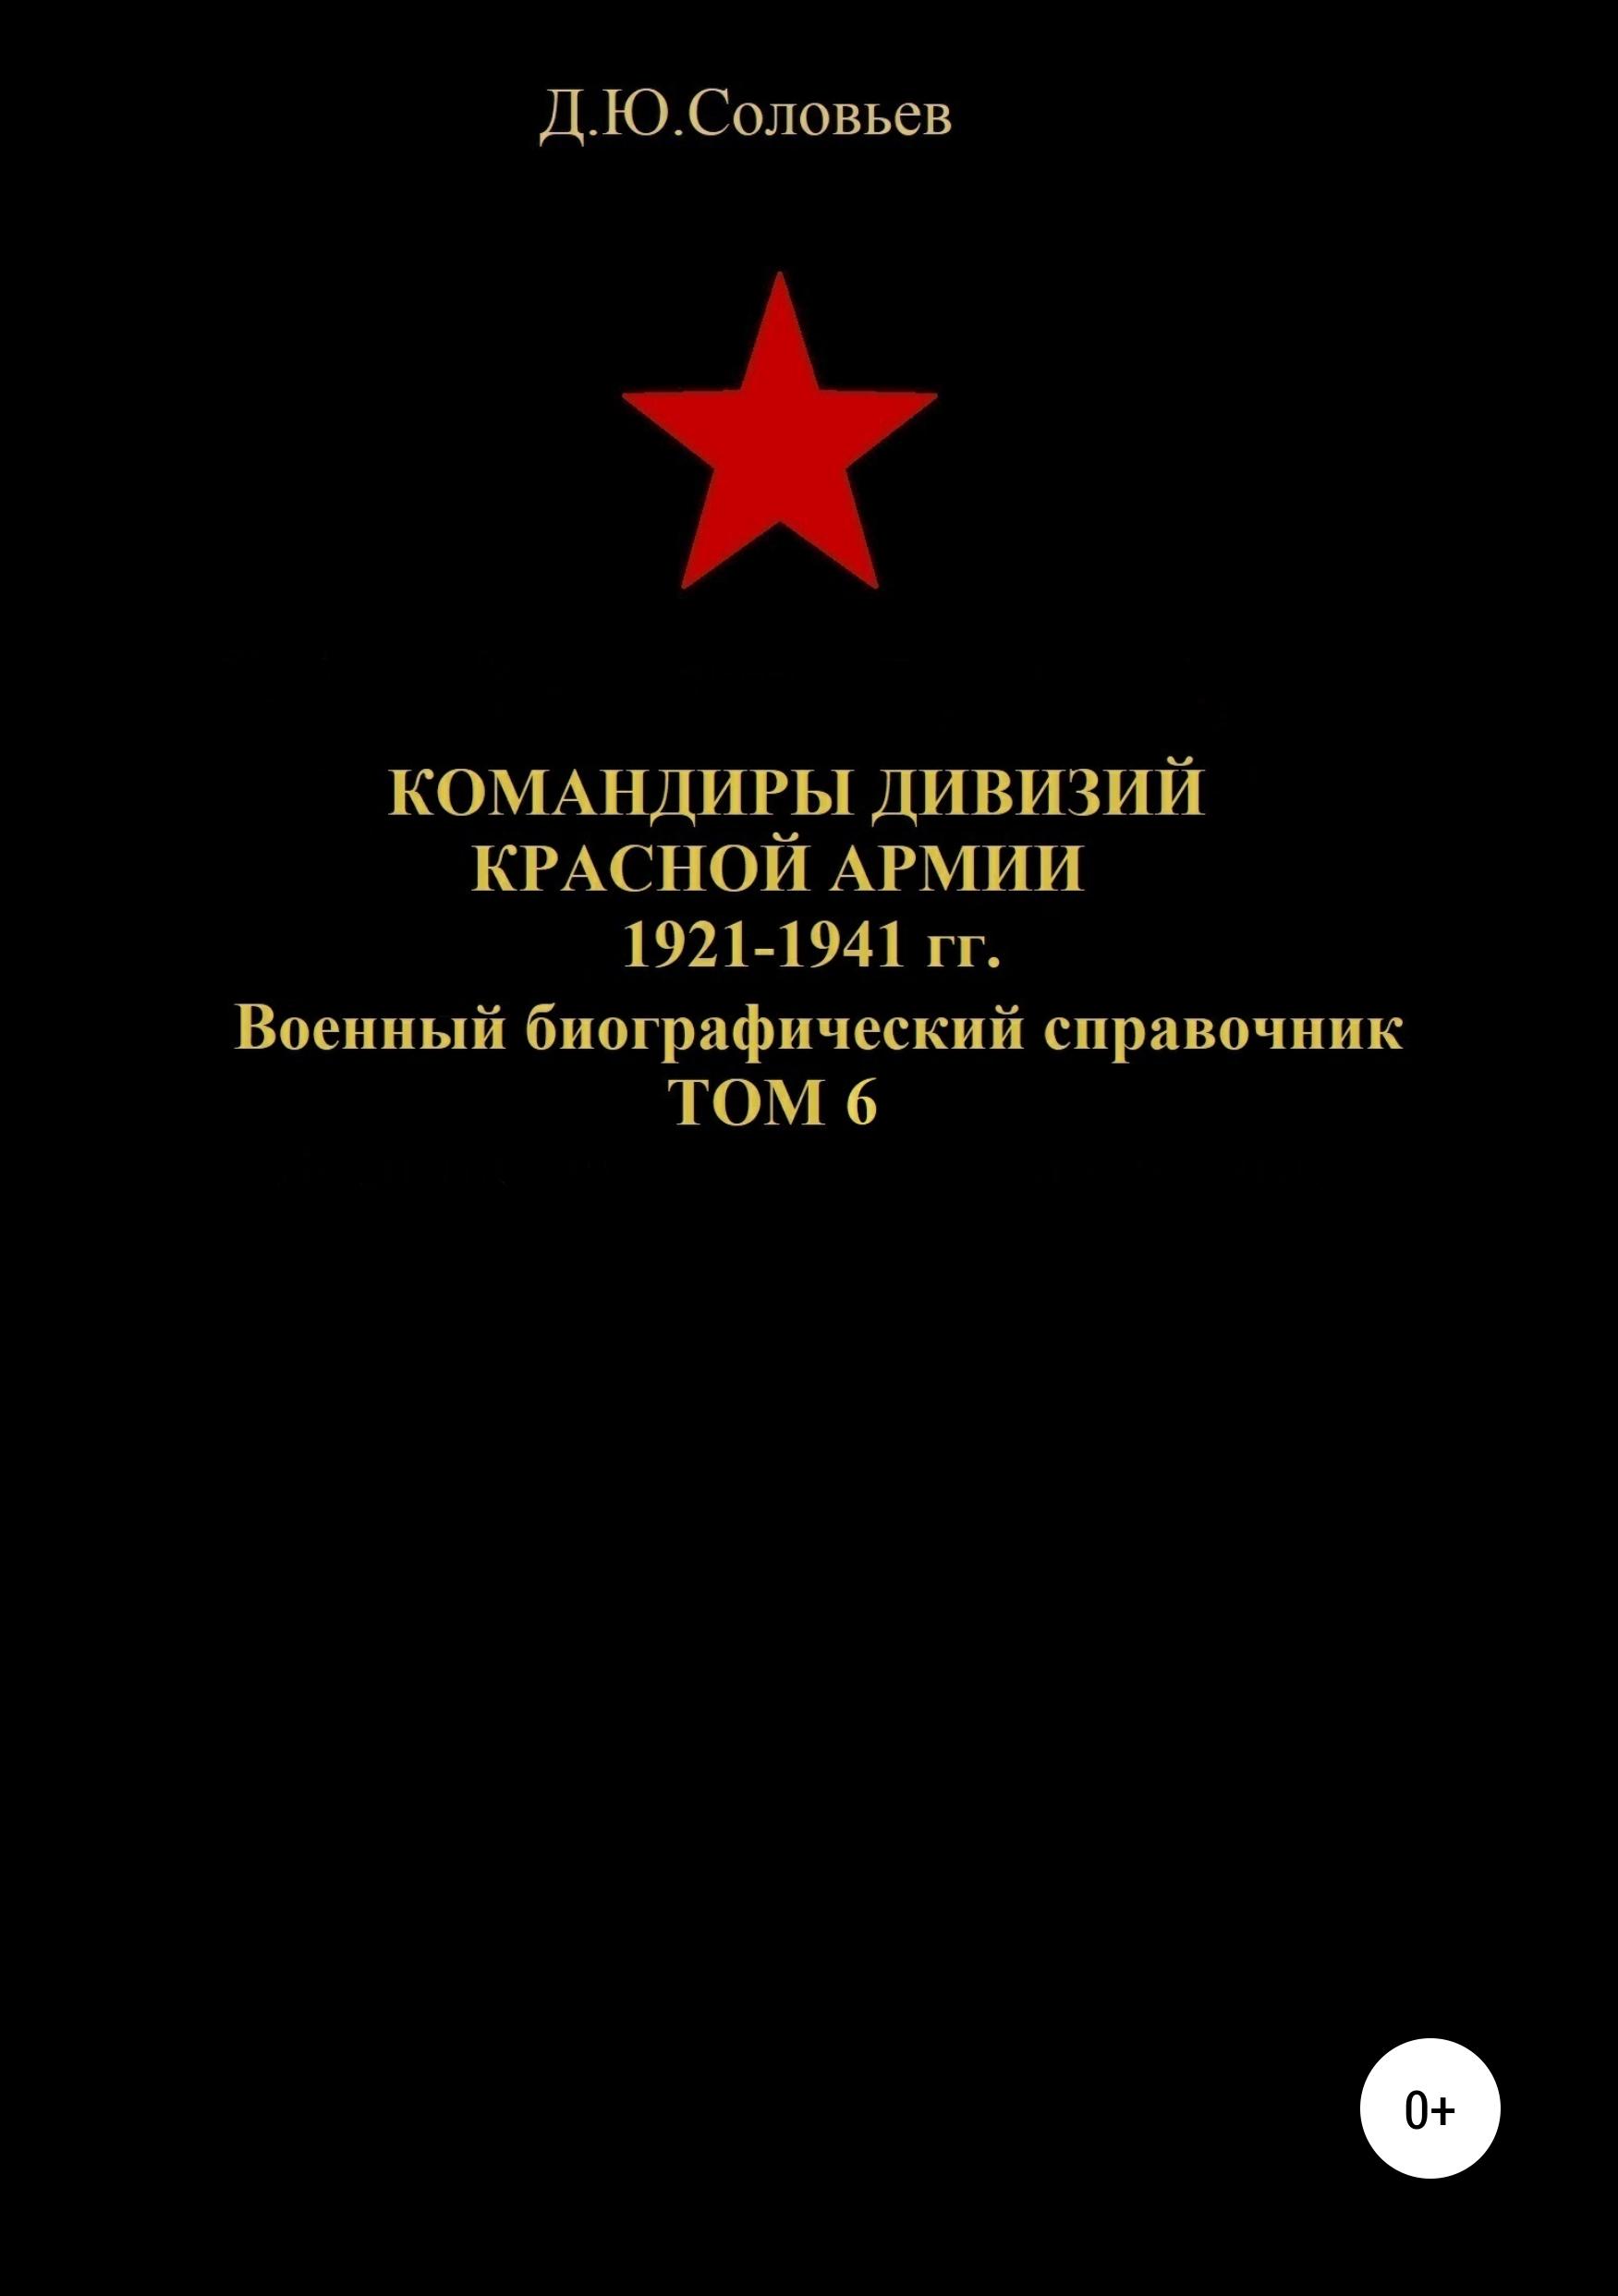 Командиры дивизий Красной Армии 1921-1941 гг. Том 6